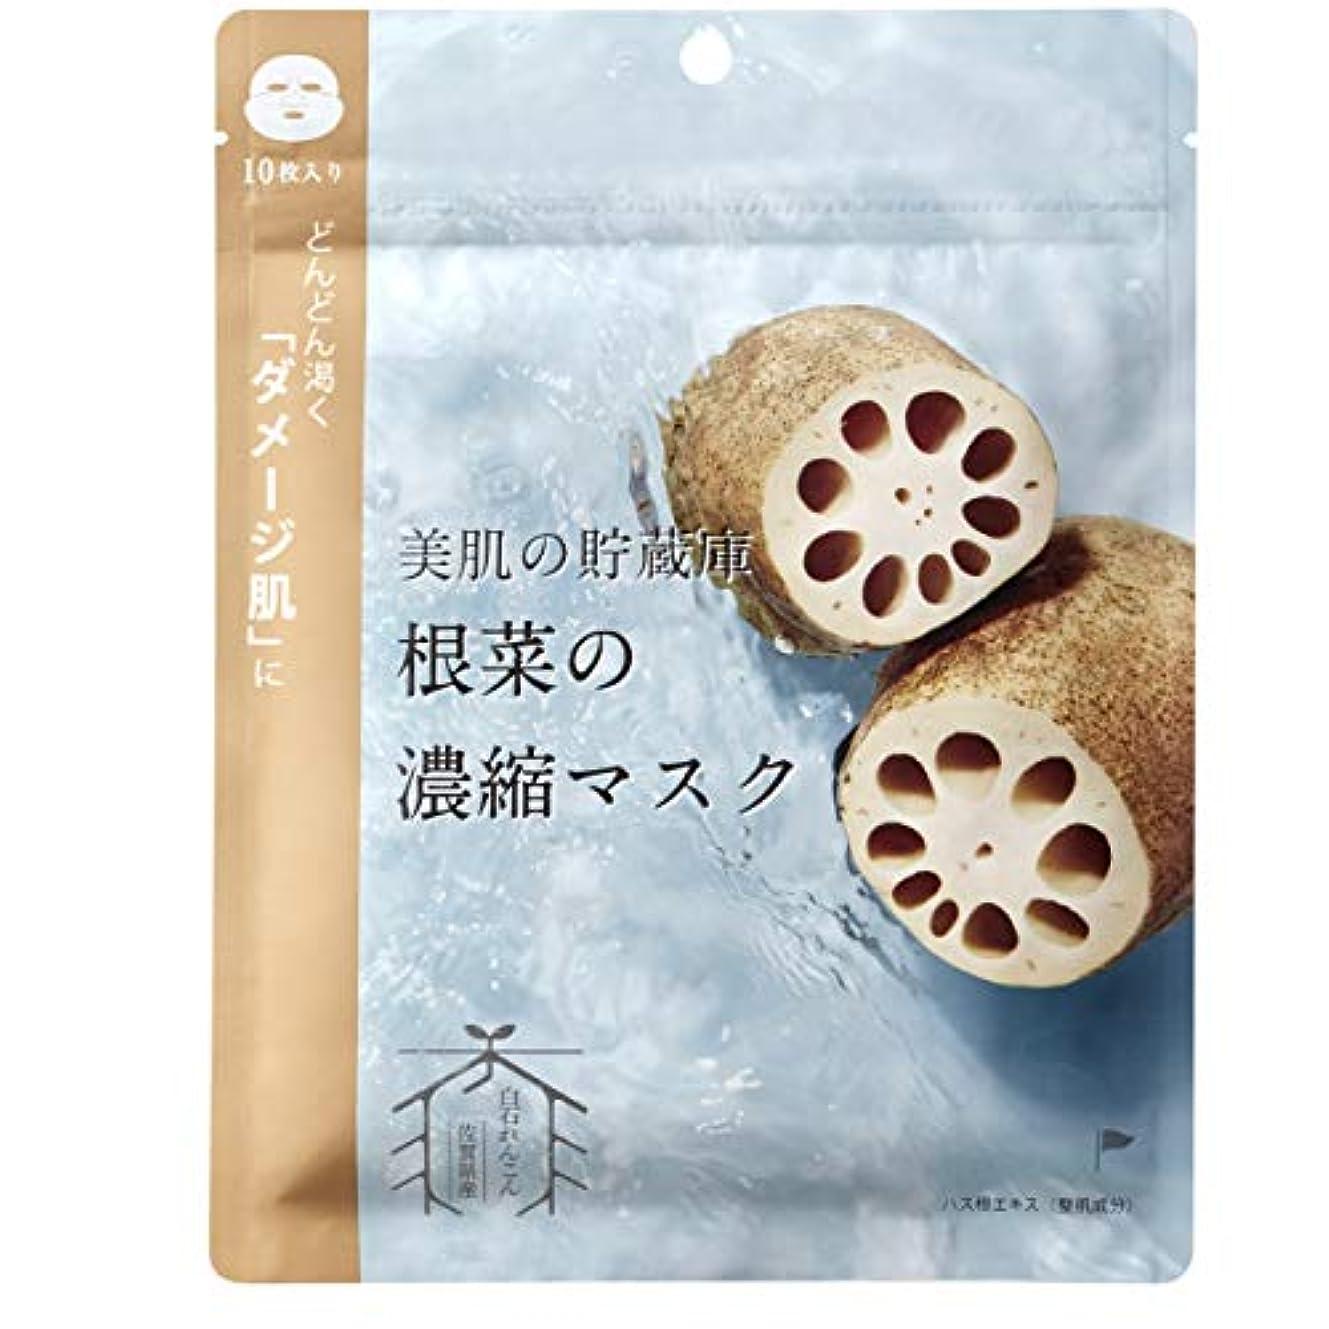 びっくり開示する支店@cosme nippon 美肌の貯蔵庫 根菜の濃縮マスク 白石れんこん 10枚入 160ml